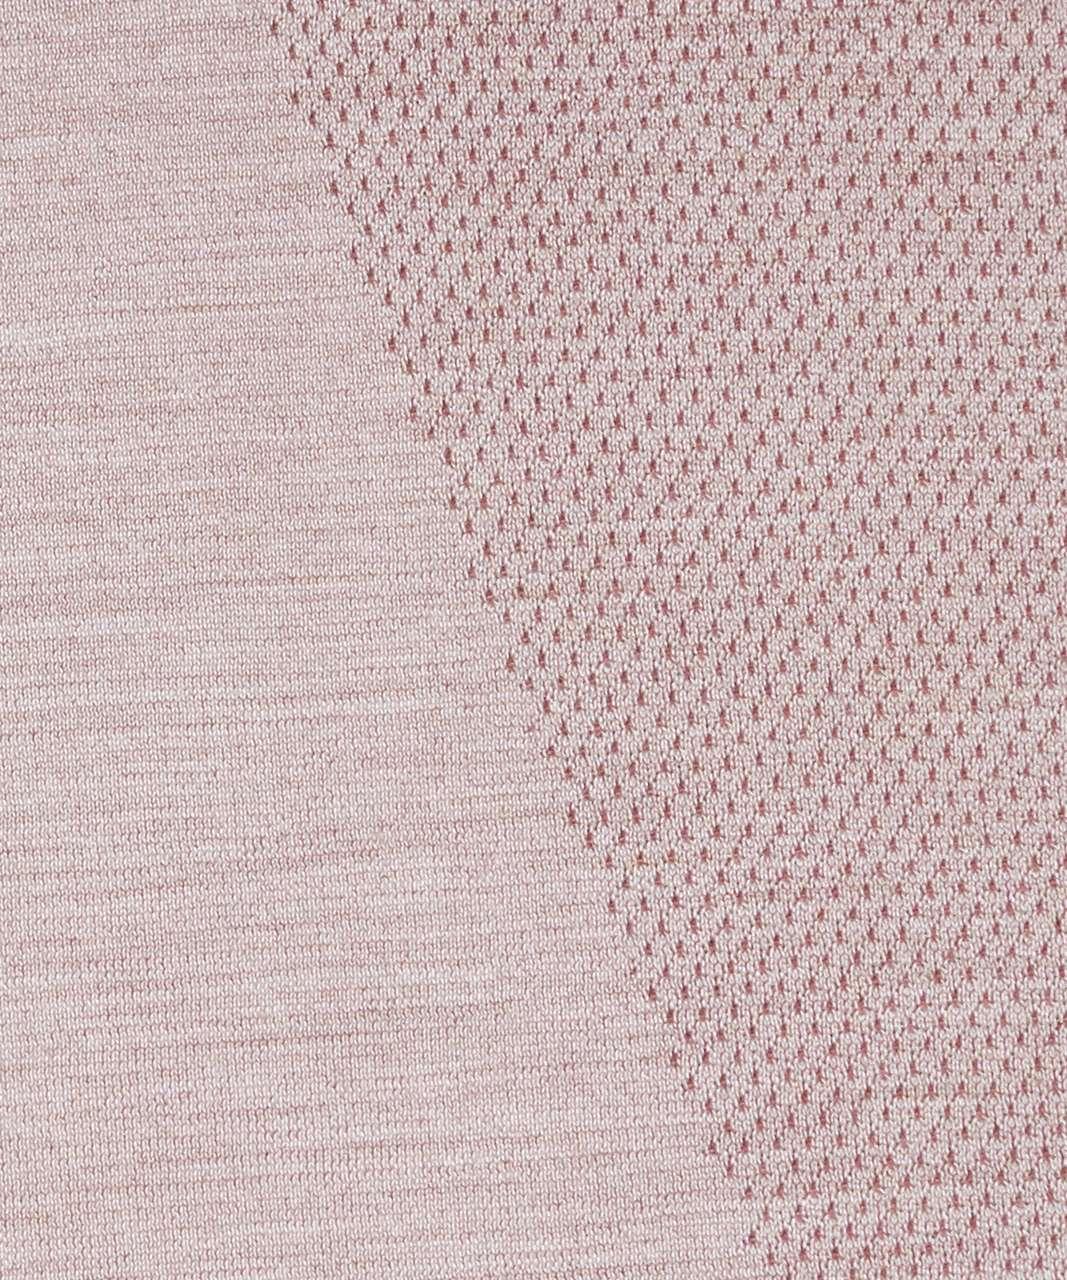 Lululemon Aerial Silk Long Sleeve - Spanish Oak / White